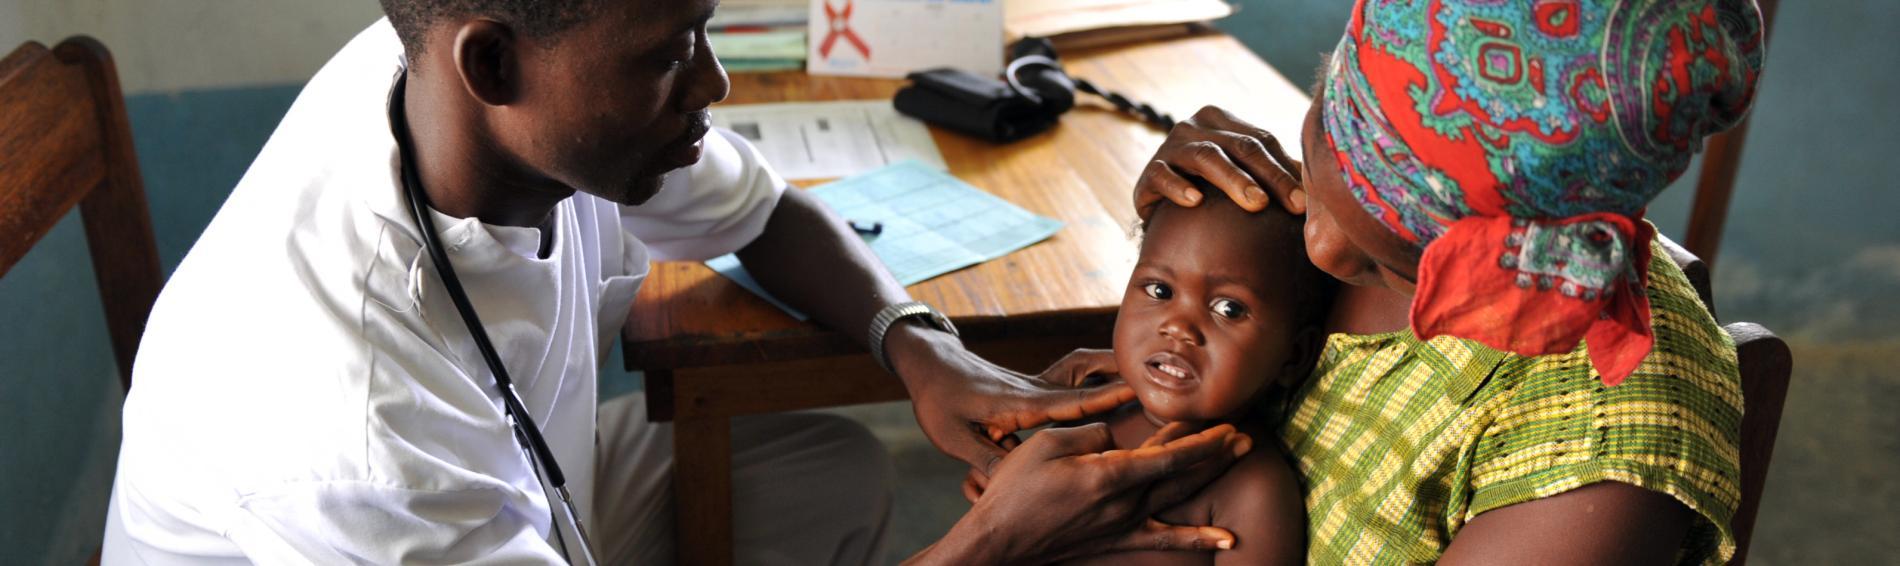 Medizinische Versorgung von Bedürftigen in Liberia. Foto: Georges Gobet